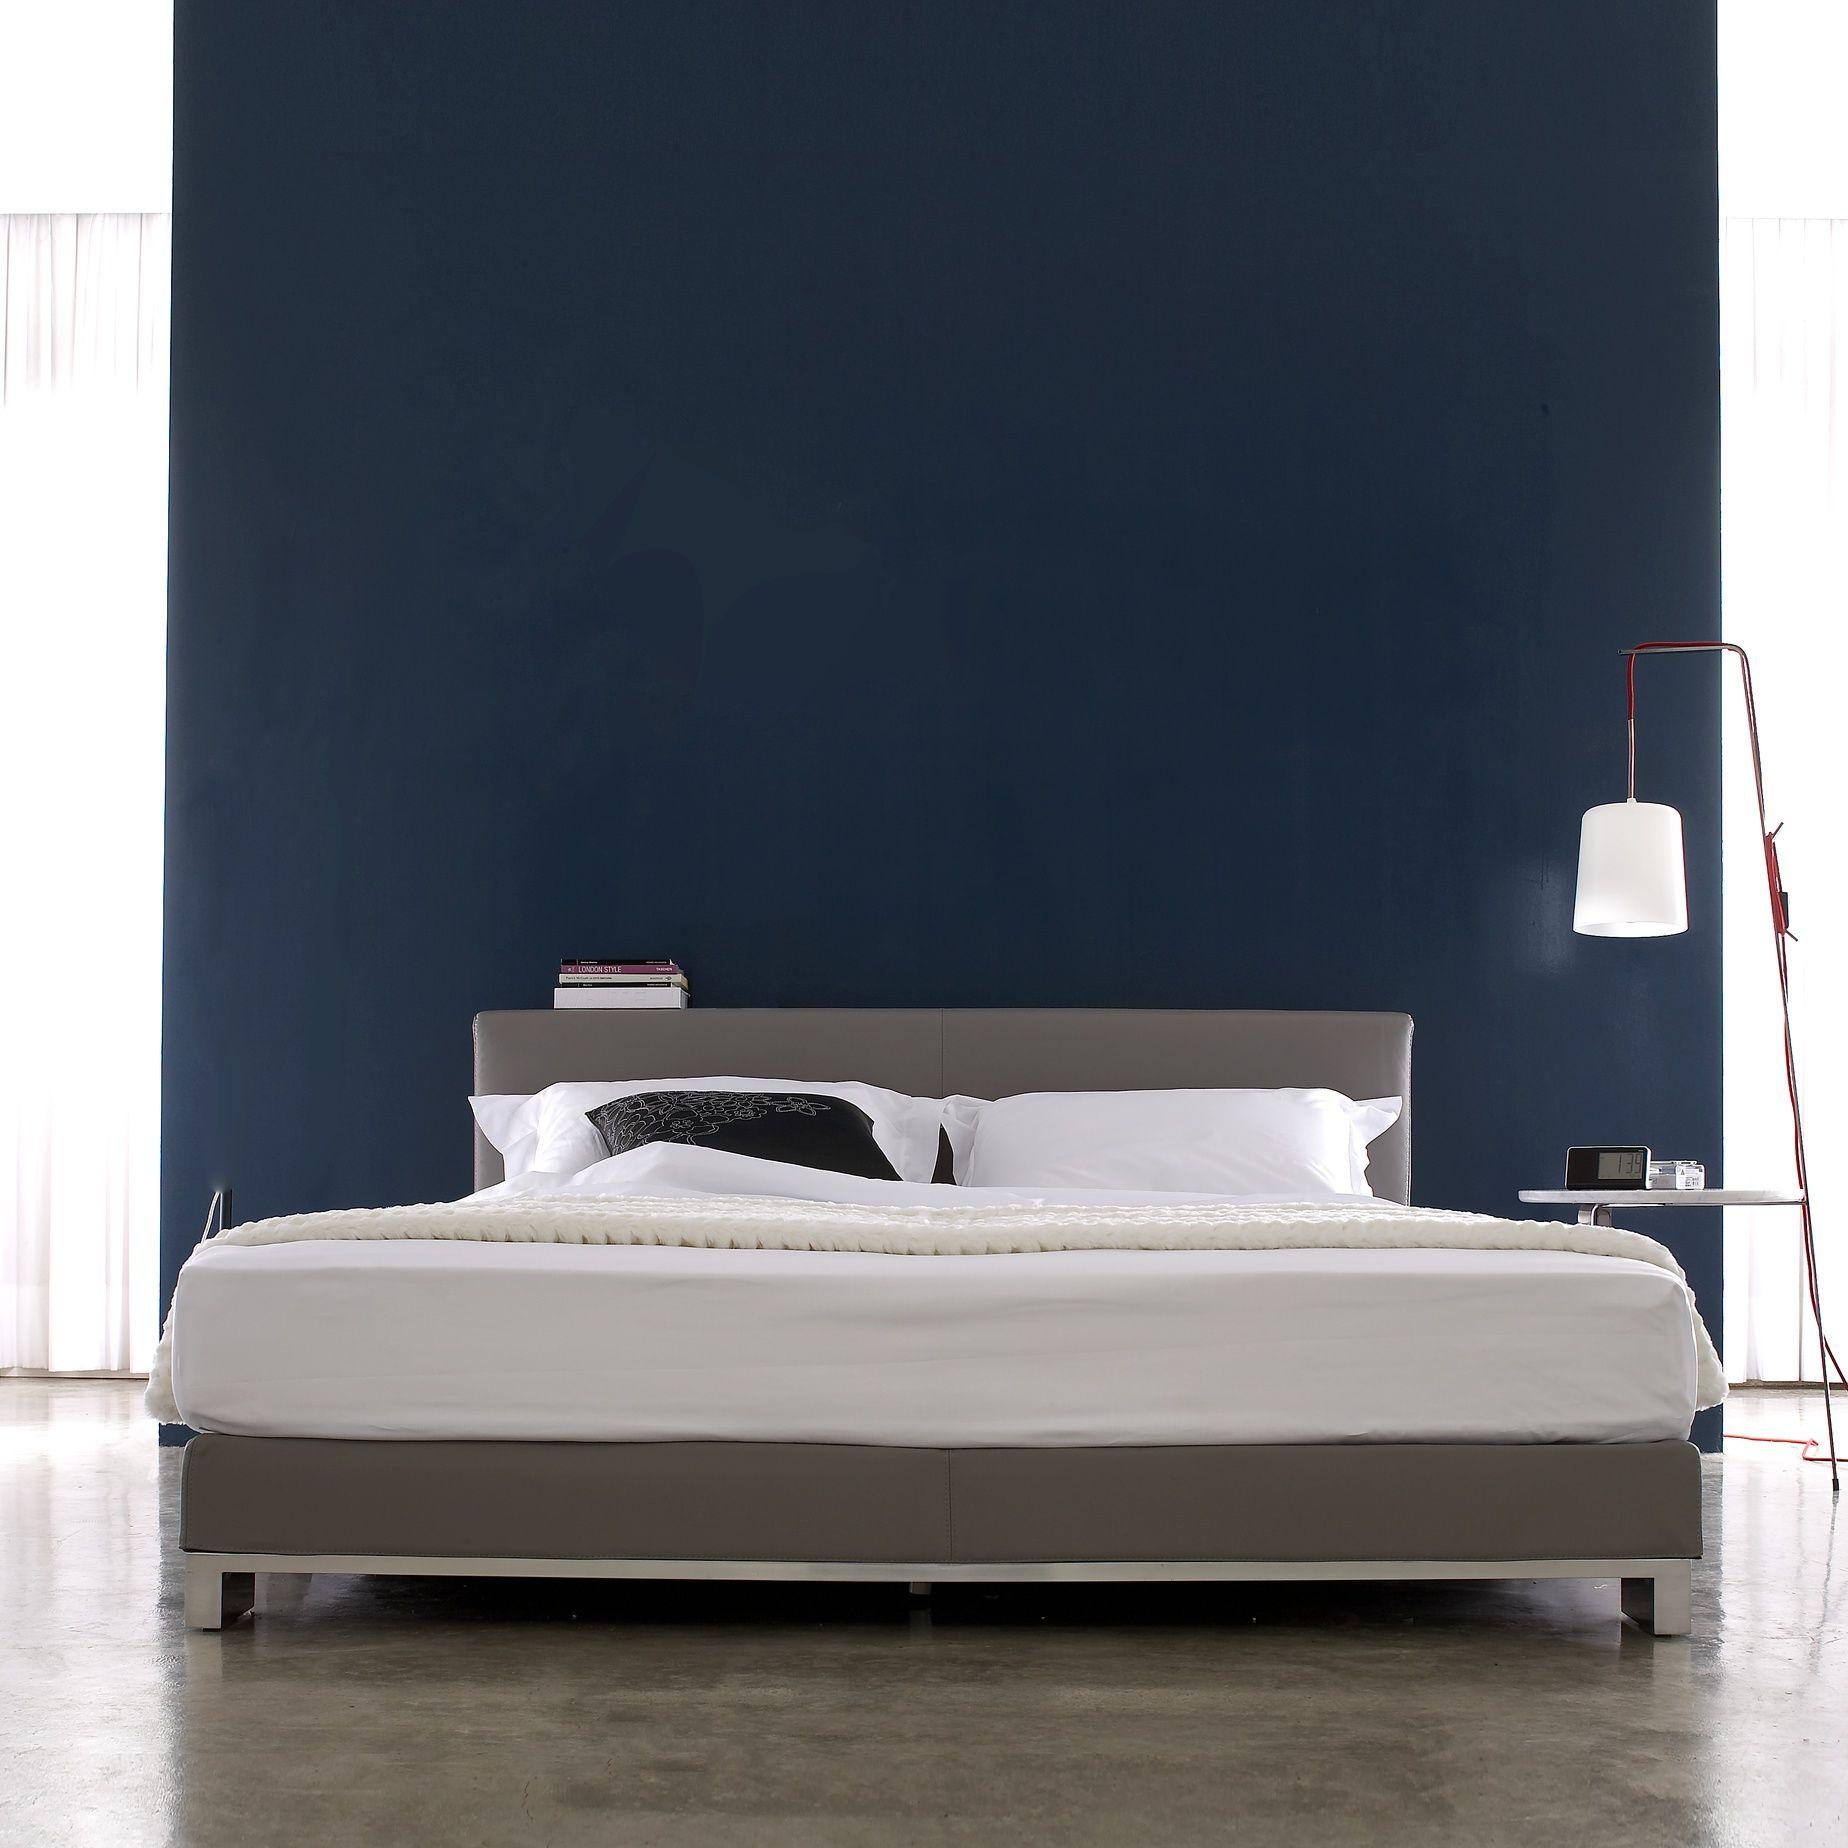 Anna Beds Designer Christian Werner Ligne Roset With Images Bed Bedding Master Bedroom Furniture